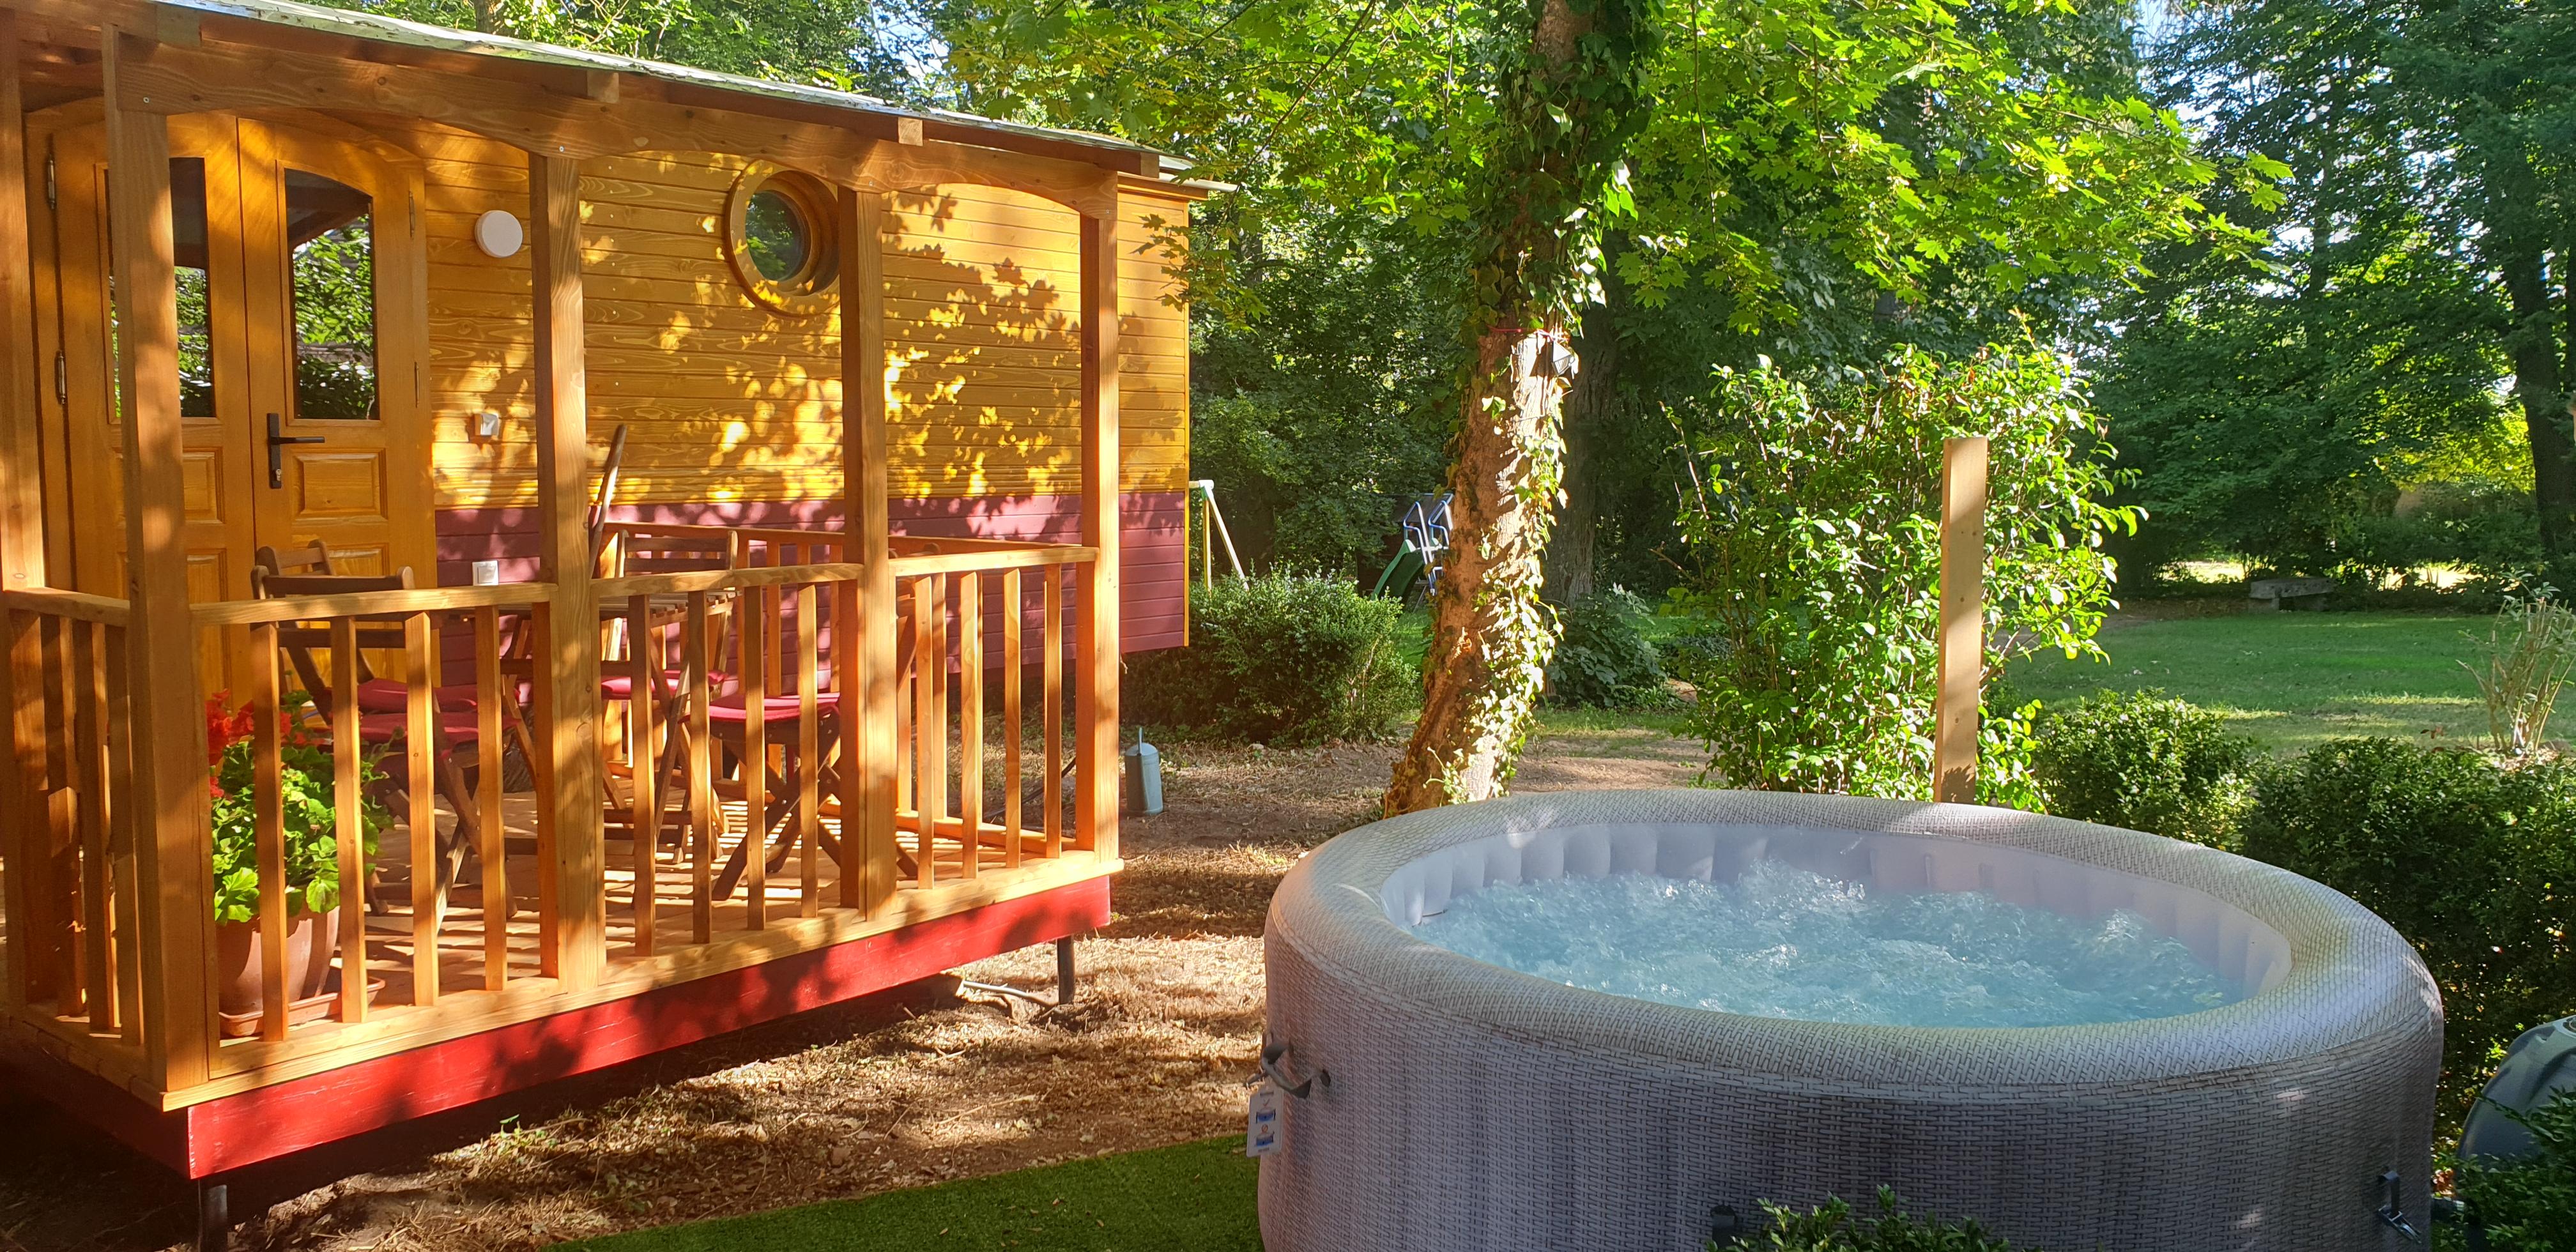 terrasse-und-whirlpool-roulotte.jpg